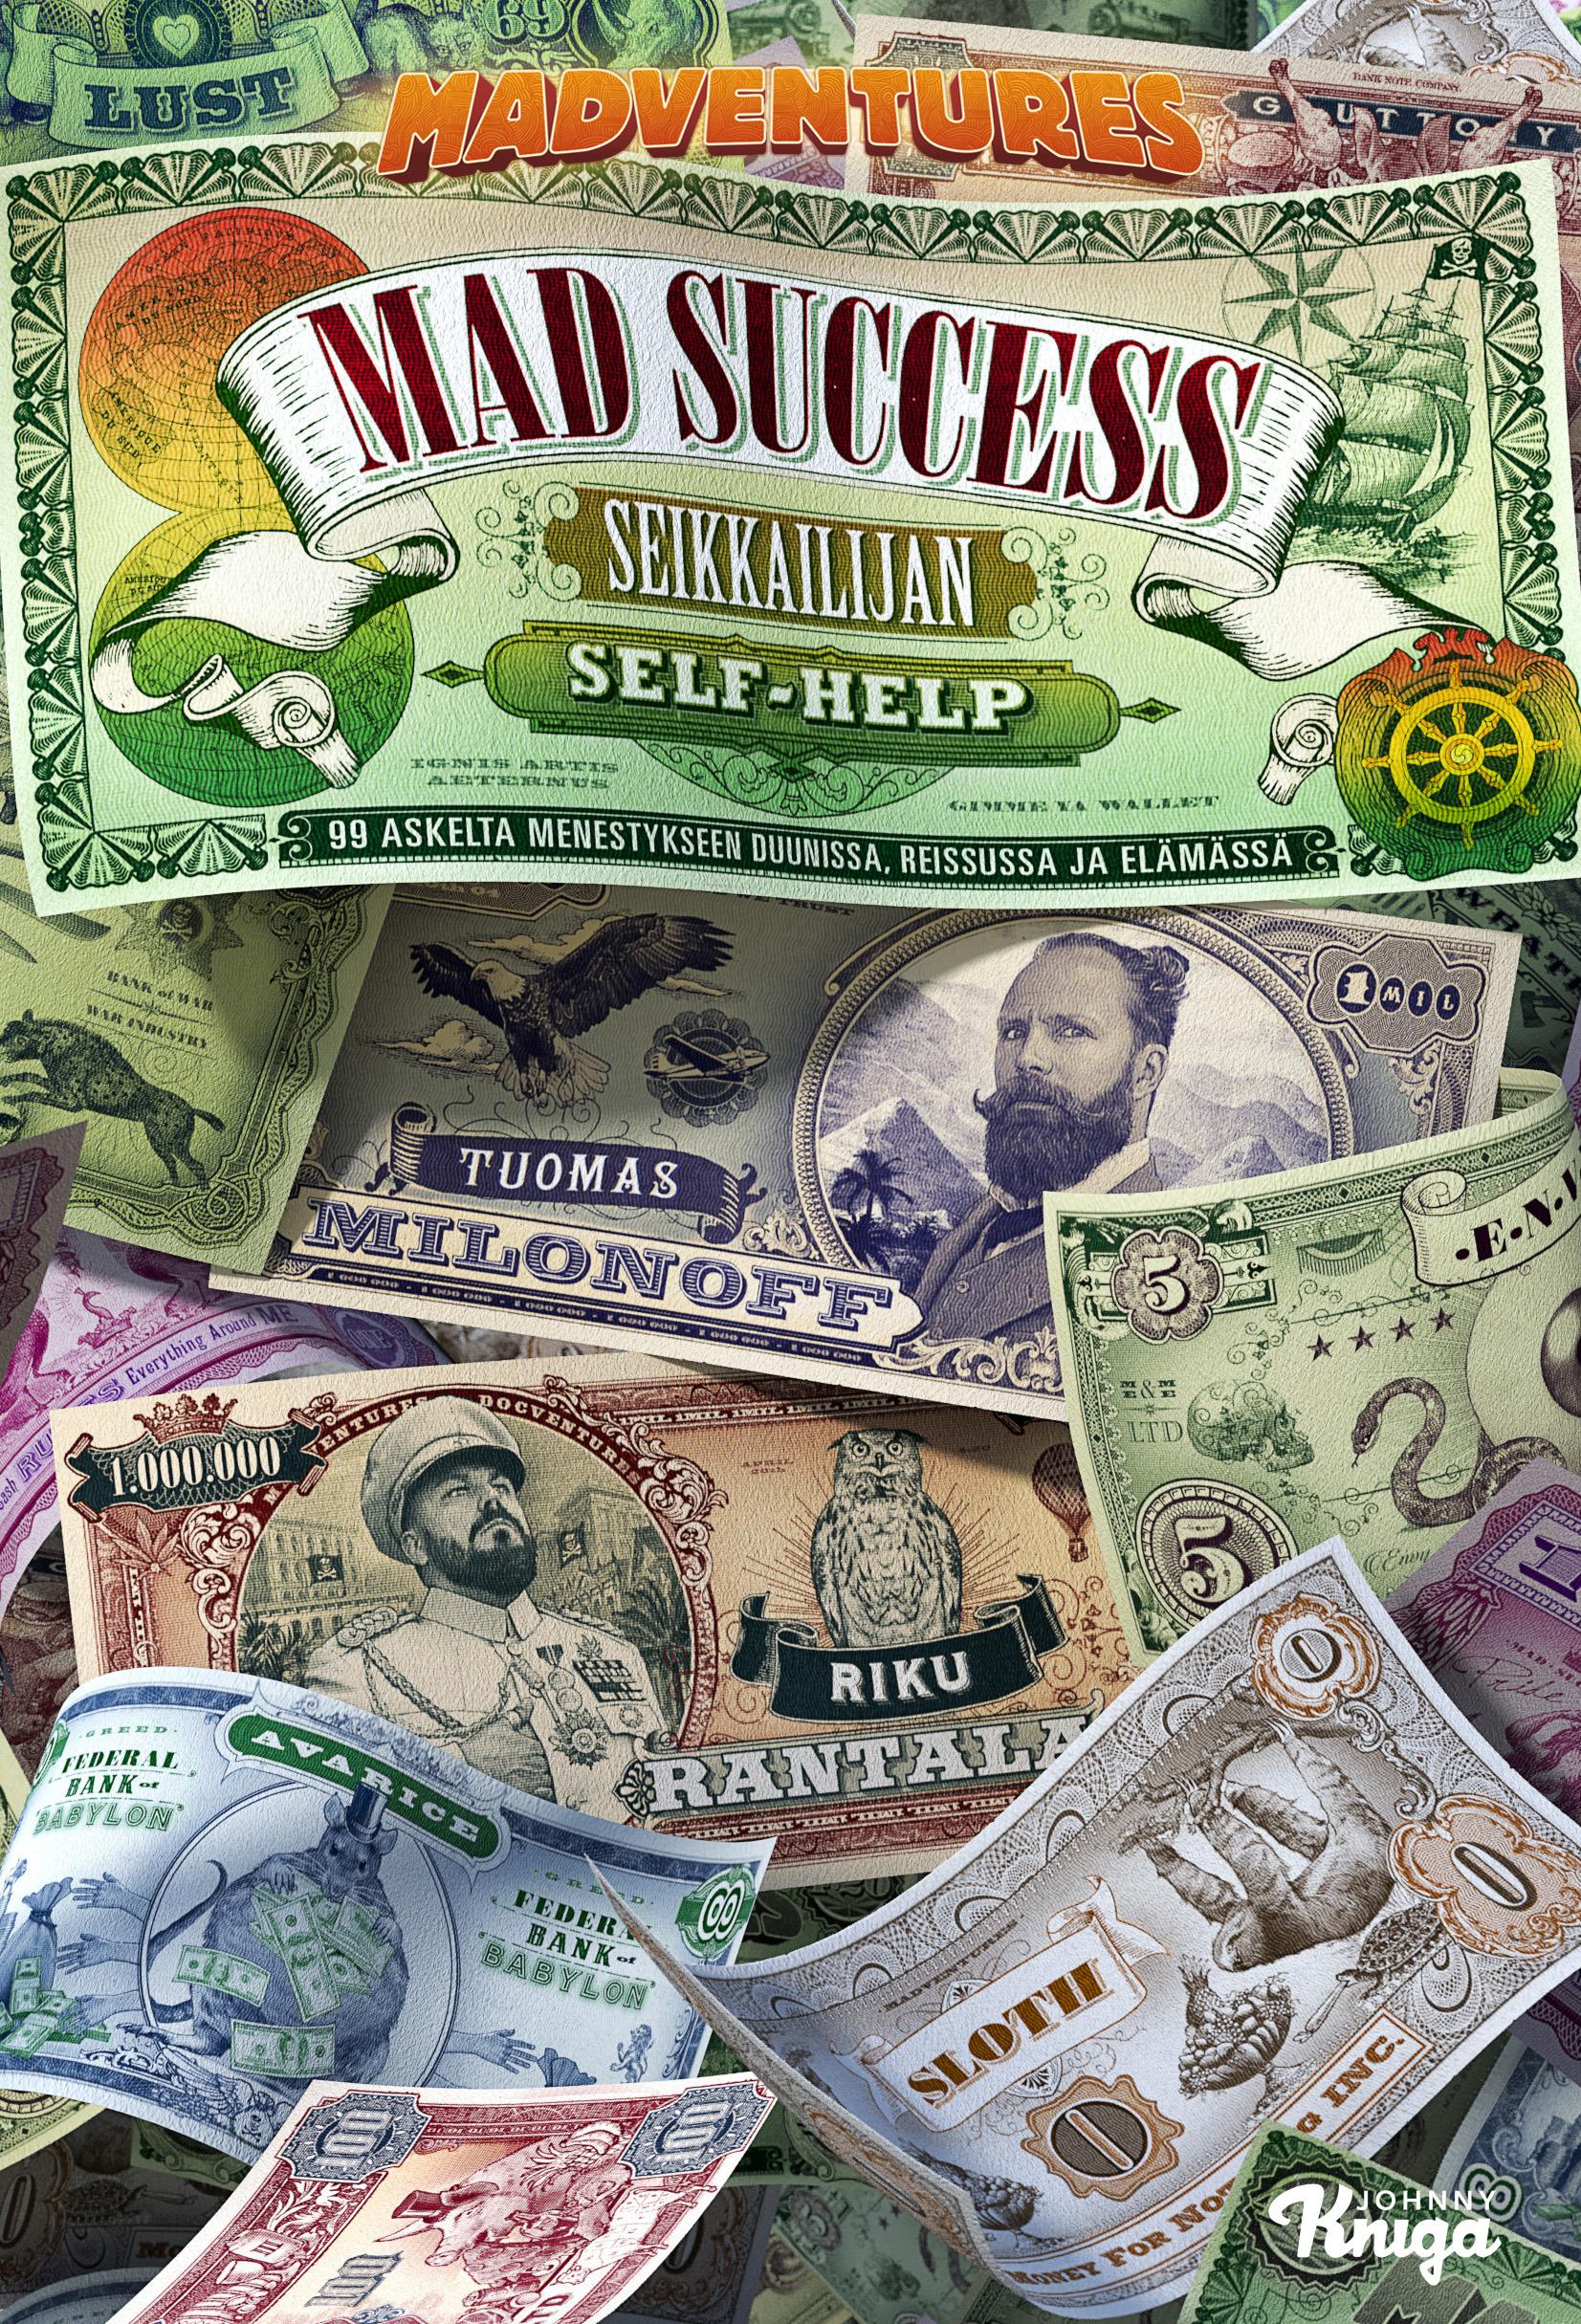 Milonoff, Tuomas - Mad Success - Seikkailijan self help: 99 askelta menestykseen duunissa, reissussa ja elämässä, e-kirja